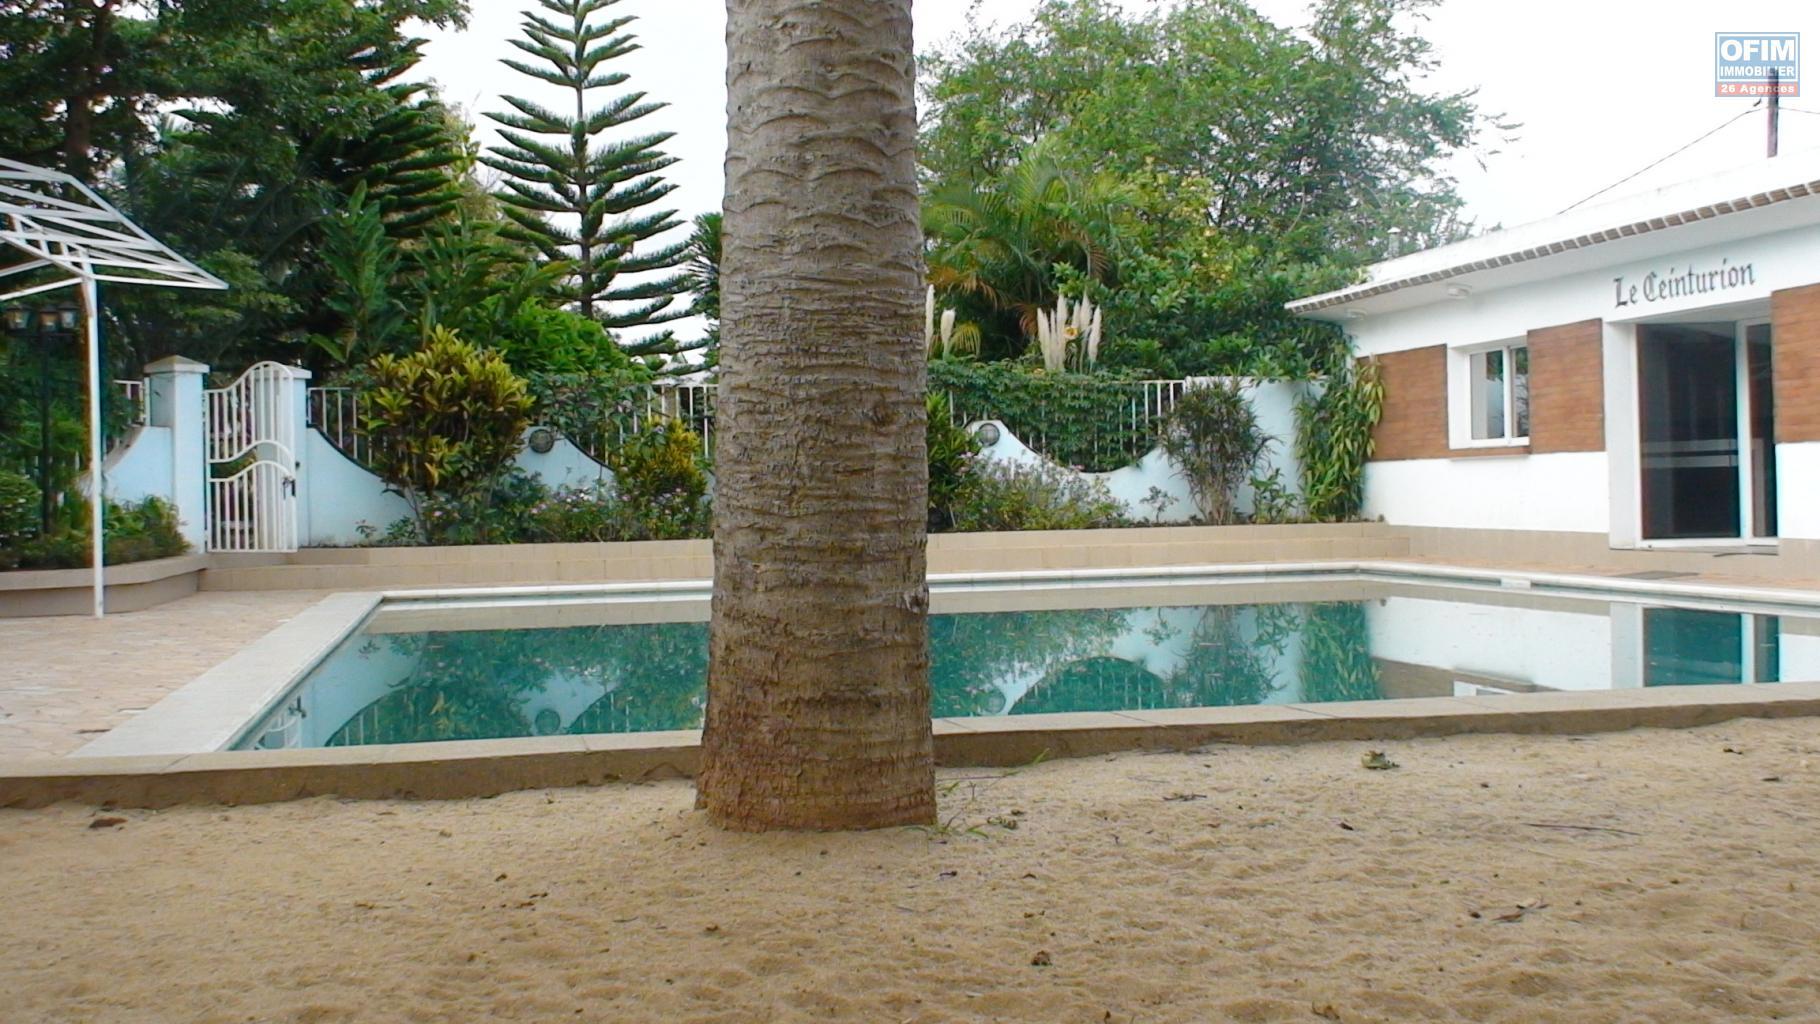 Vente maison villa antananarivo tananarive a vendre grande villa entour e d 39 un - Maison avec un jardin tourcoing ...